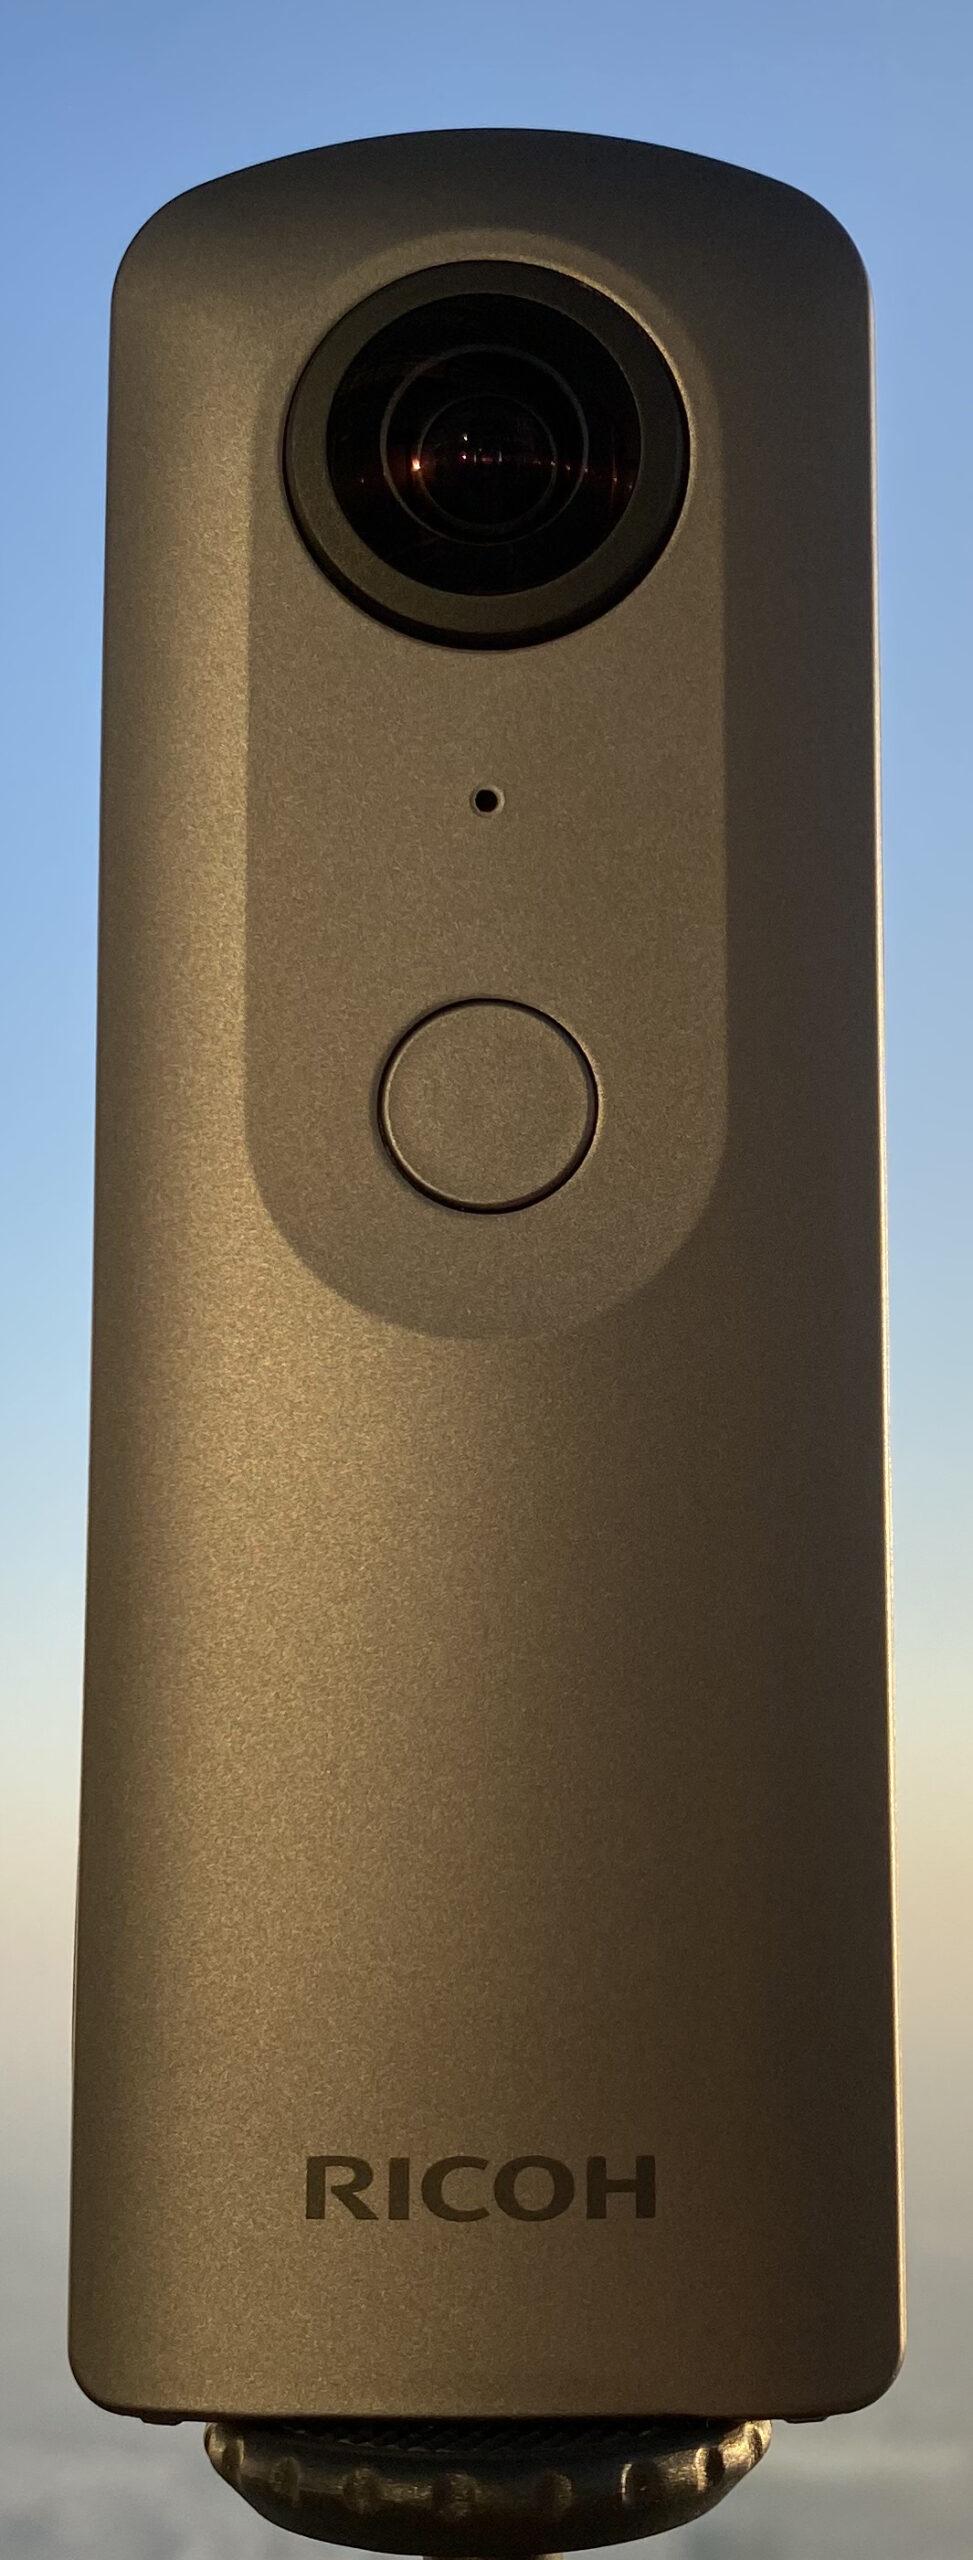 360-kamera Ricoh Theta V camera